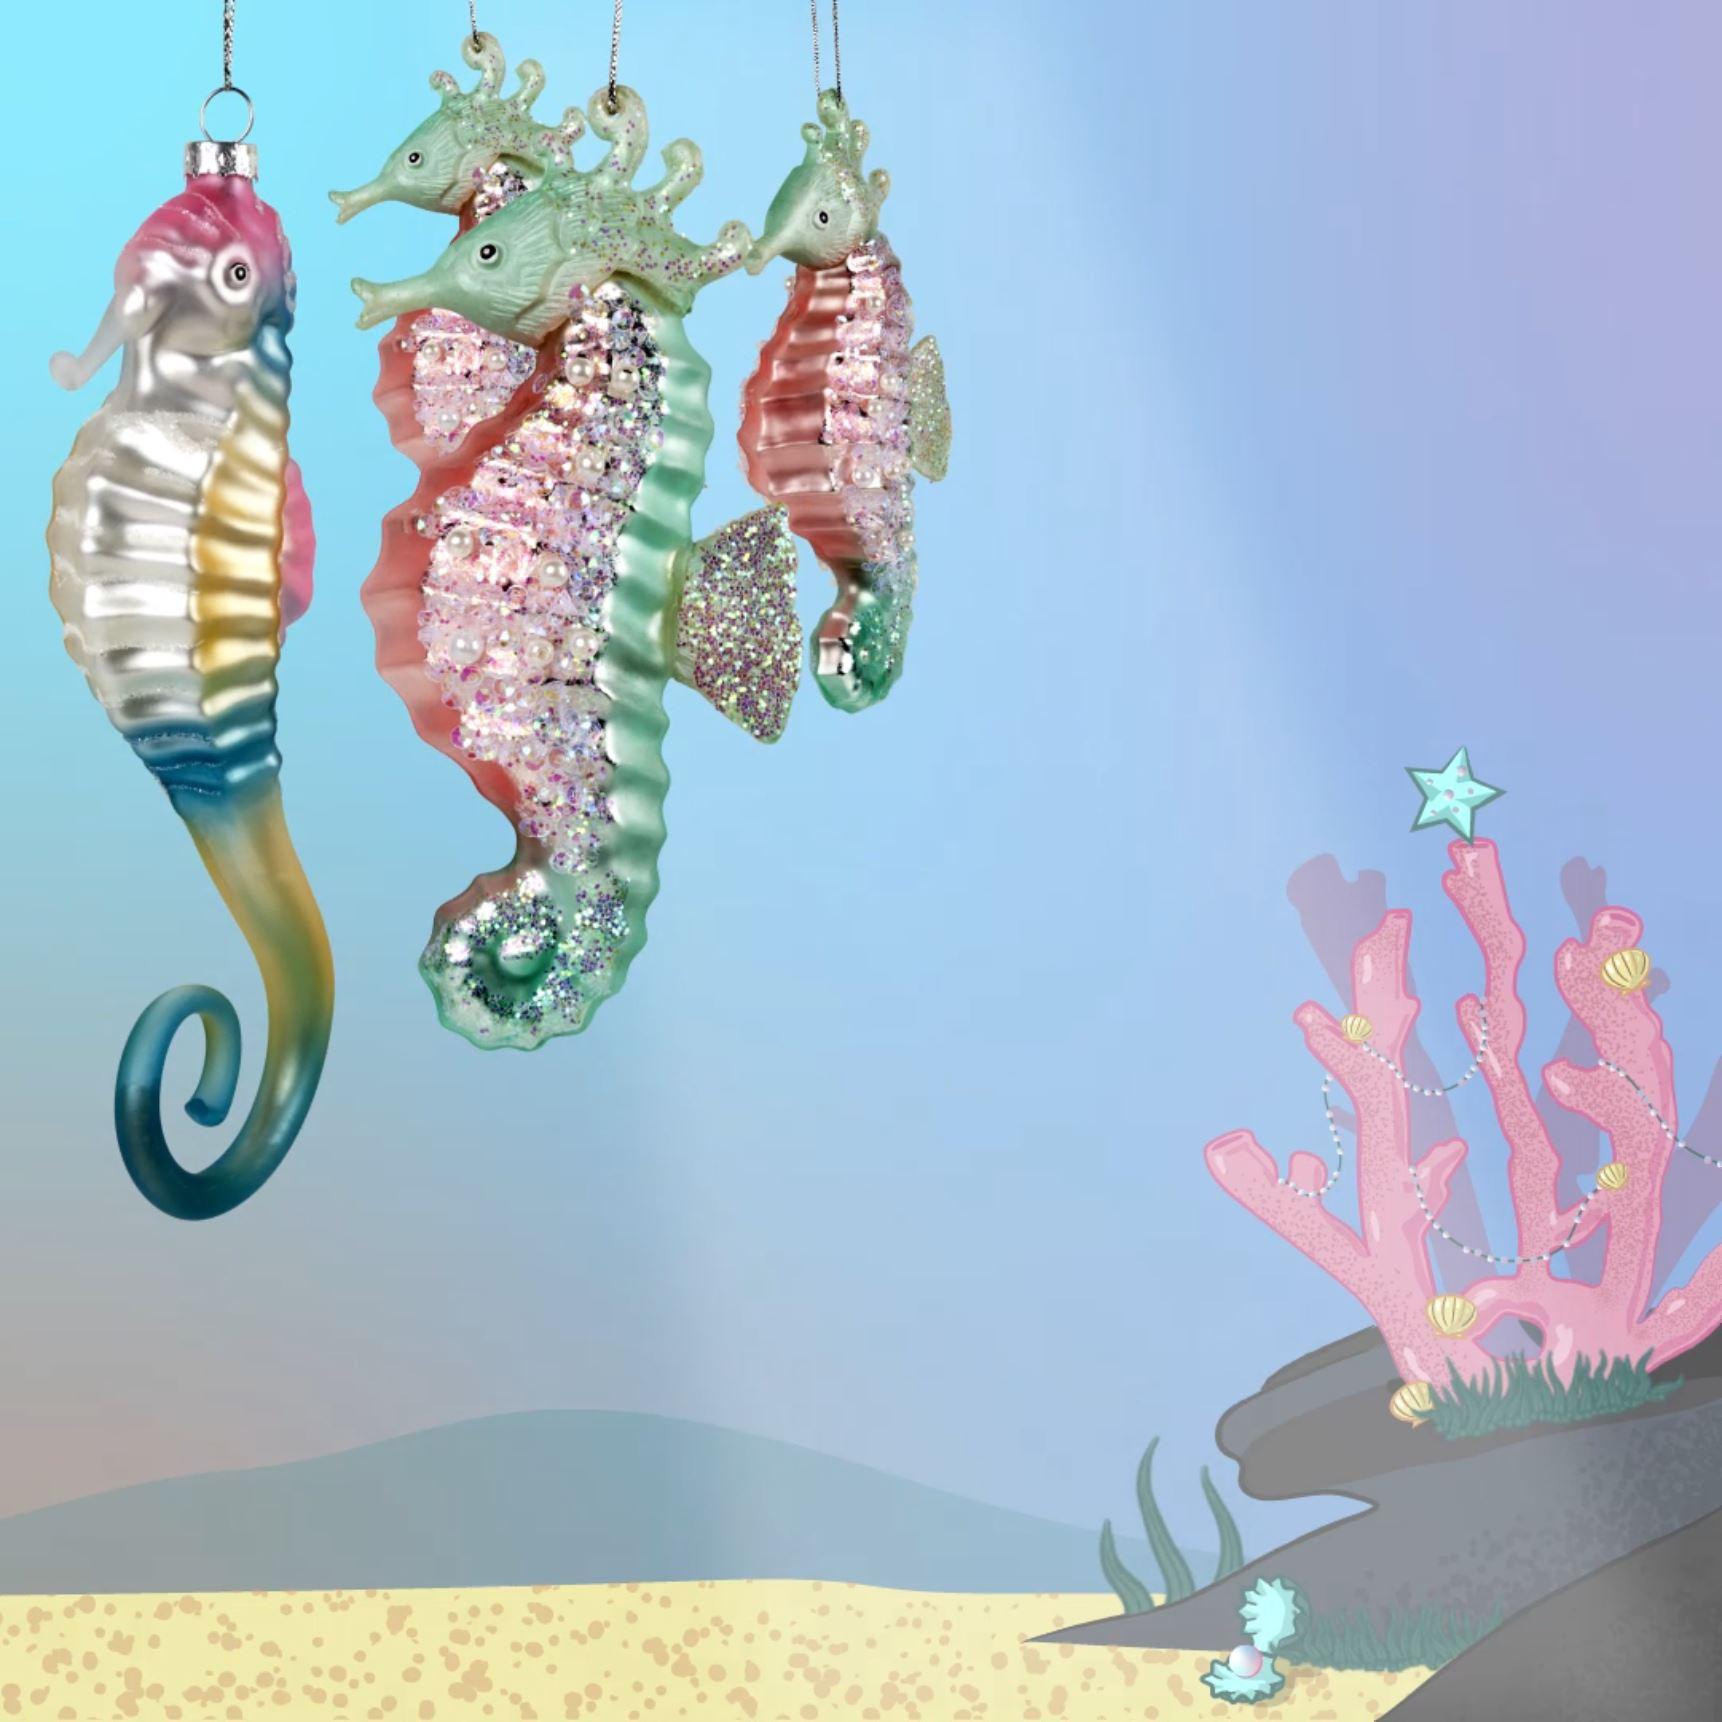 Abbildung von Seepferdchen Weihnachstkugeln von dasherzallerliebste mit Größenangaben und ansprechendem Hintergrund